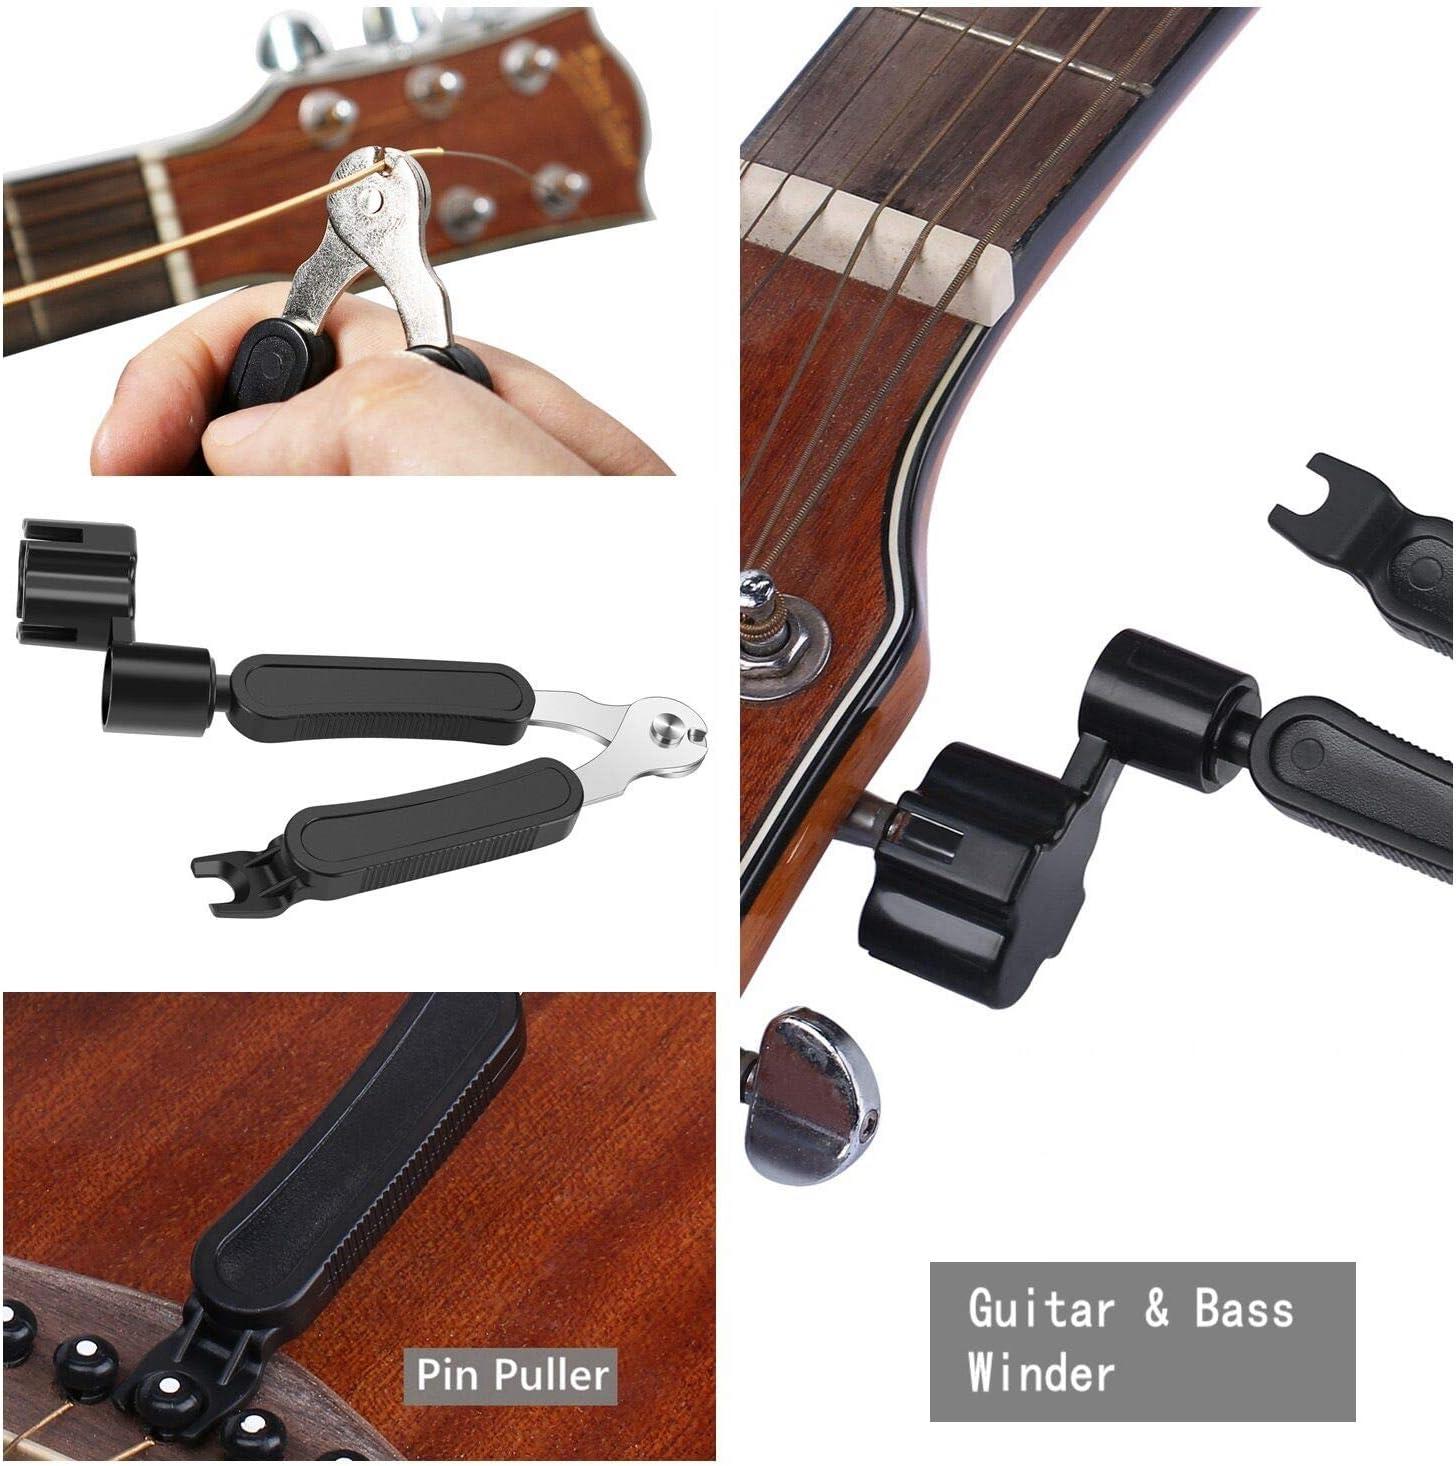 rongweiwang 3-in-1 Guitar String Winder Peg Pin Stringa avvolgitore Chitarra peg Puller Chitarra elettrica Acustica della Stringa di rimozione di Pin Strumento